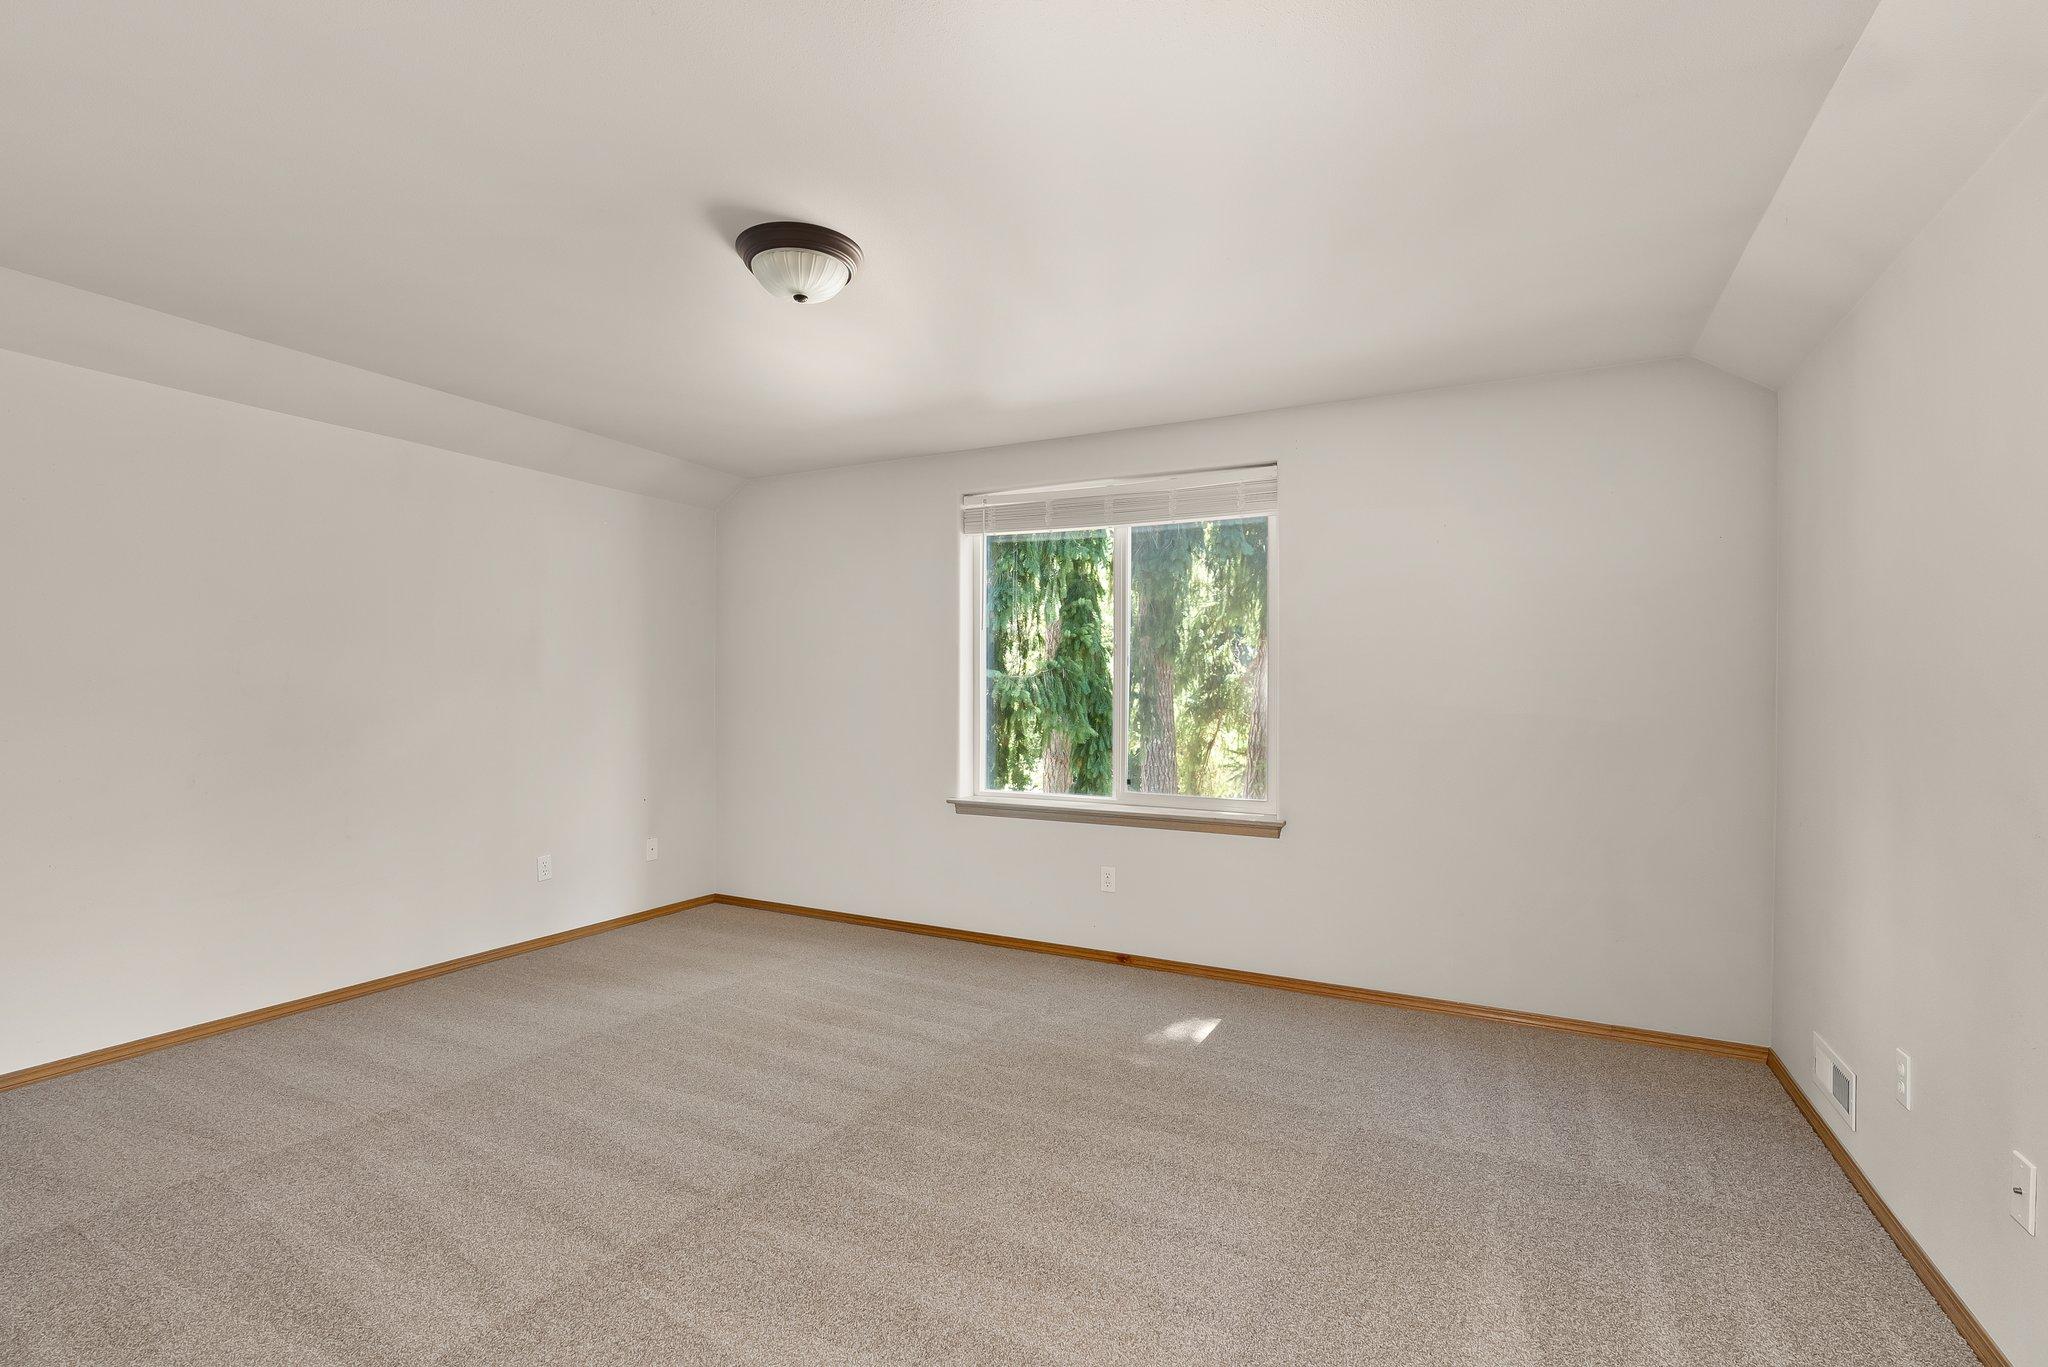 7900 Woods Estate Ln NE, Olympia, WA 98506, USA Photo 24